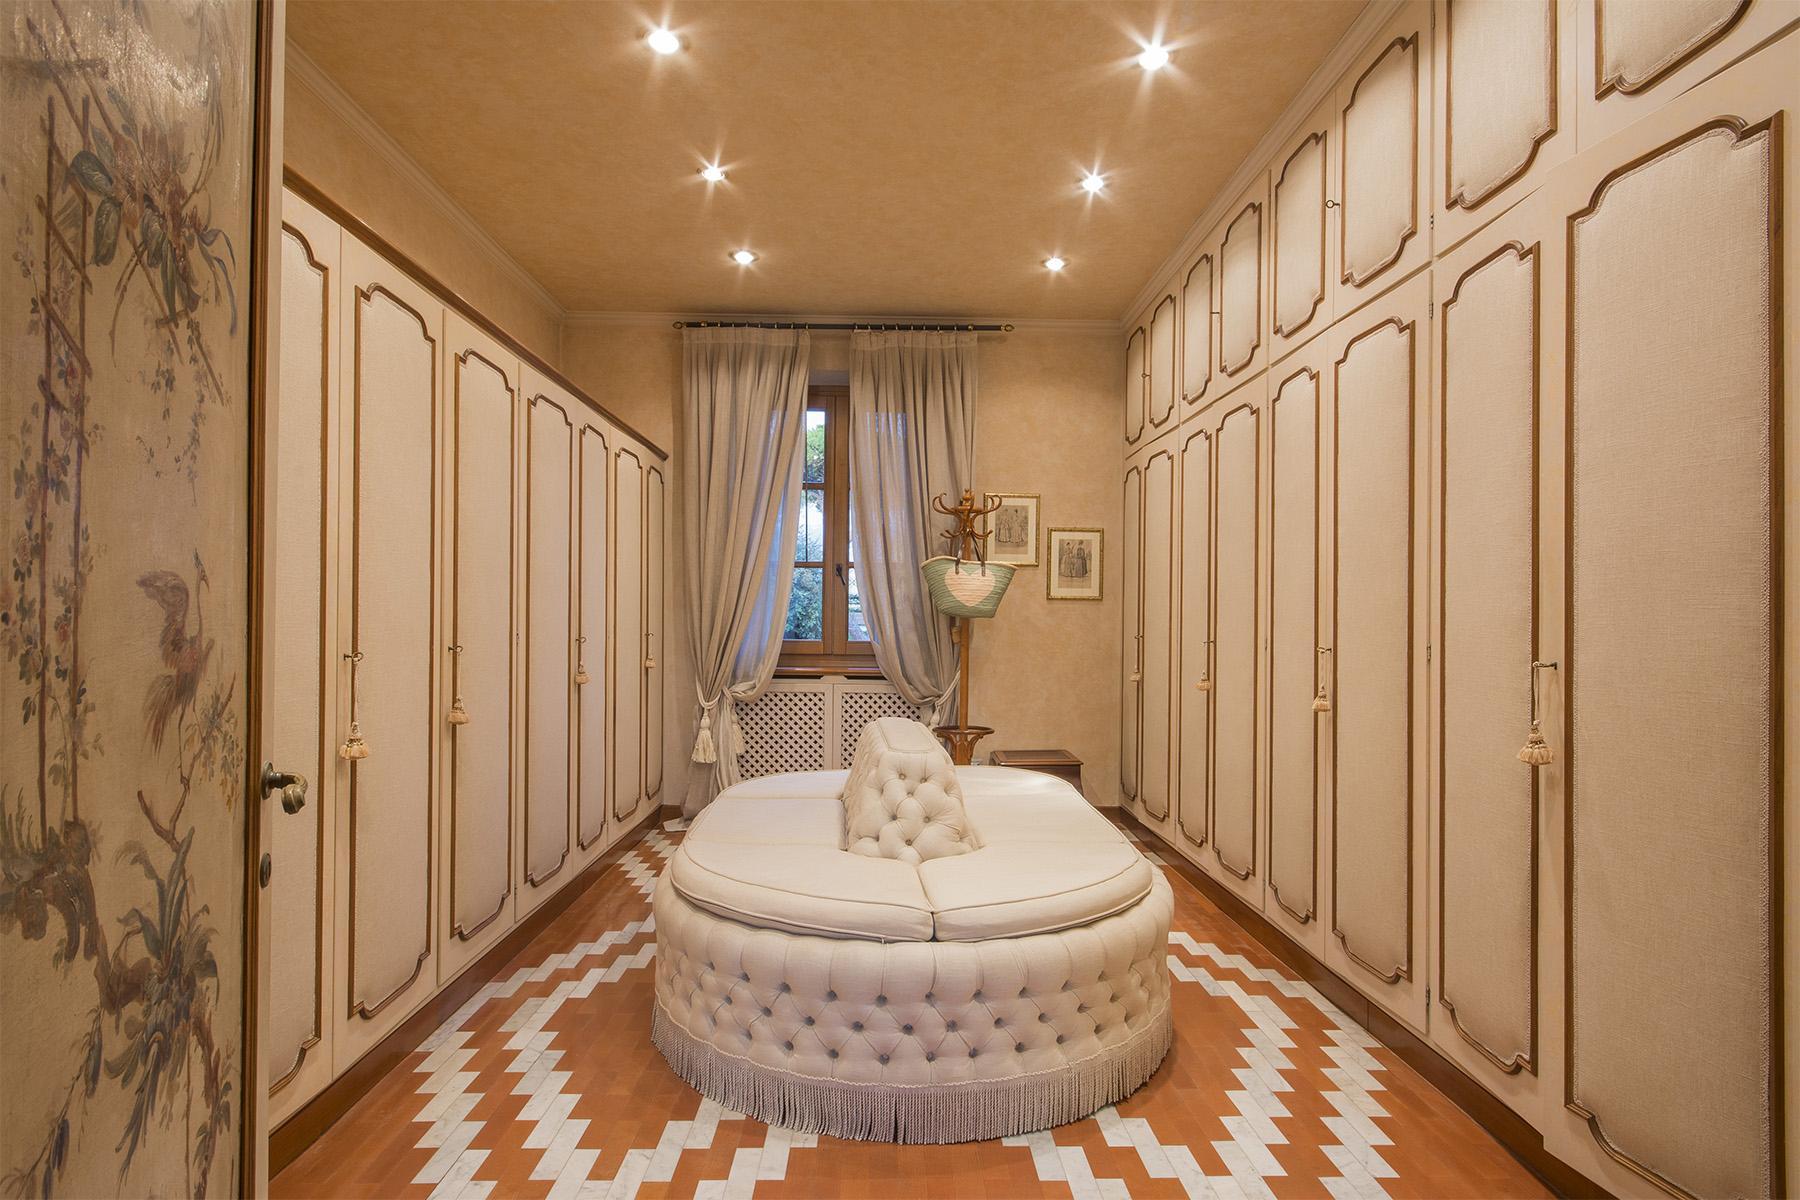 坐落在Marina di Pietrasanta的宏伟建筑 - 43